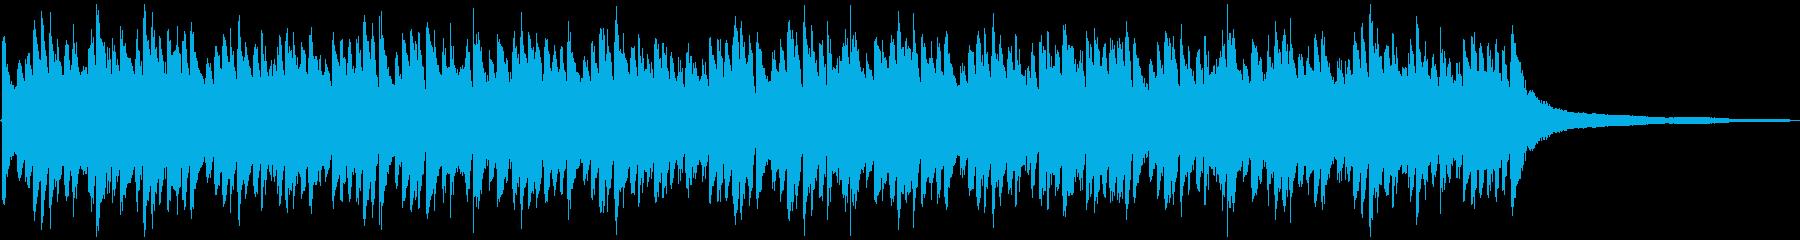 空を泳ぐようなイメージのピアノソロ曲の再生済みの波形